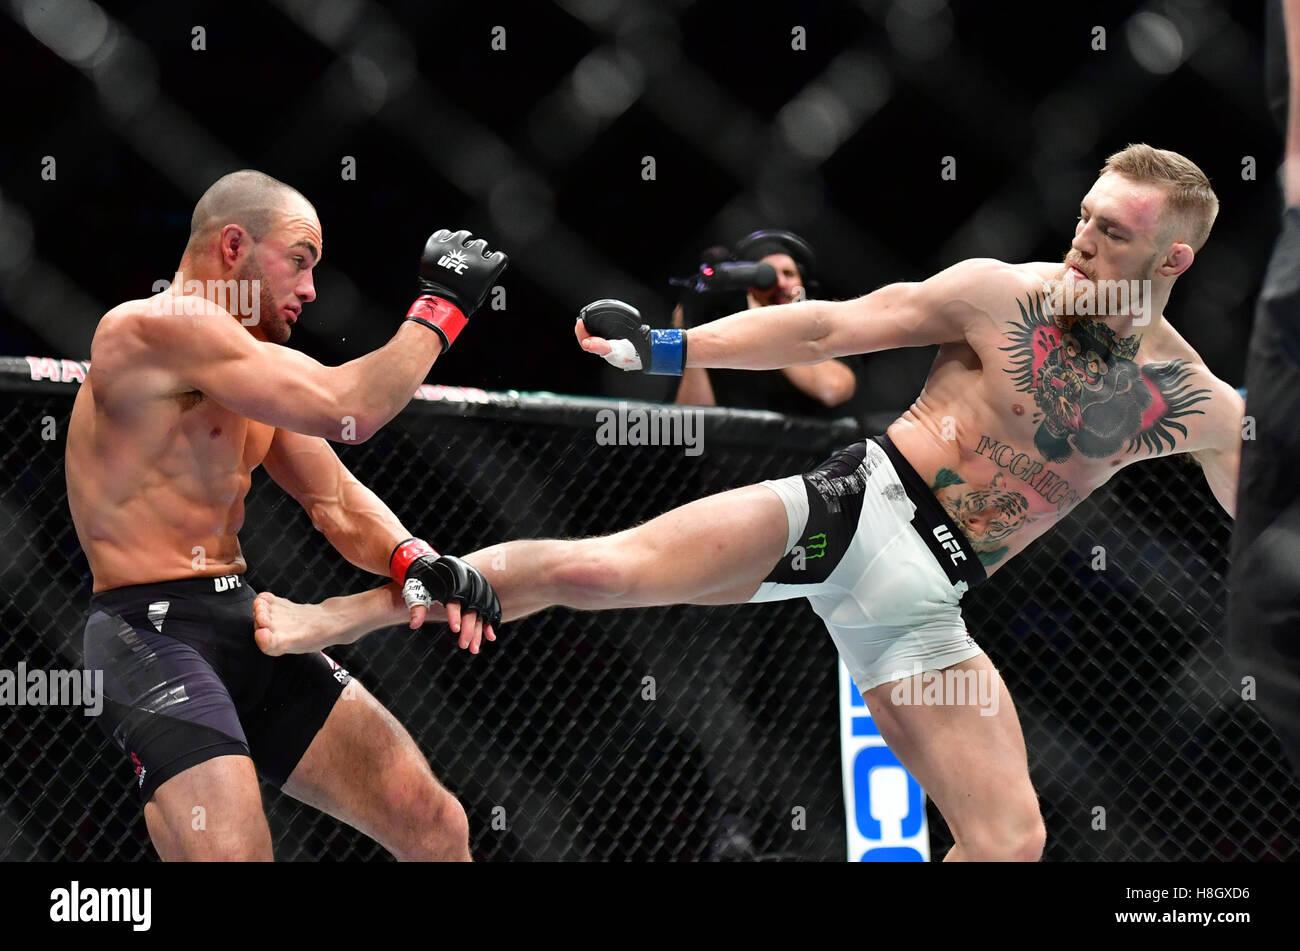 Nueva York, Estados Unidos. 12 de noviembre de 2016. Eddie Alvarez vs. Conor 'notorio' McGregor durante Imagen De Stock